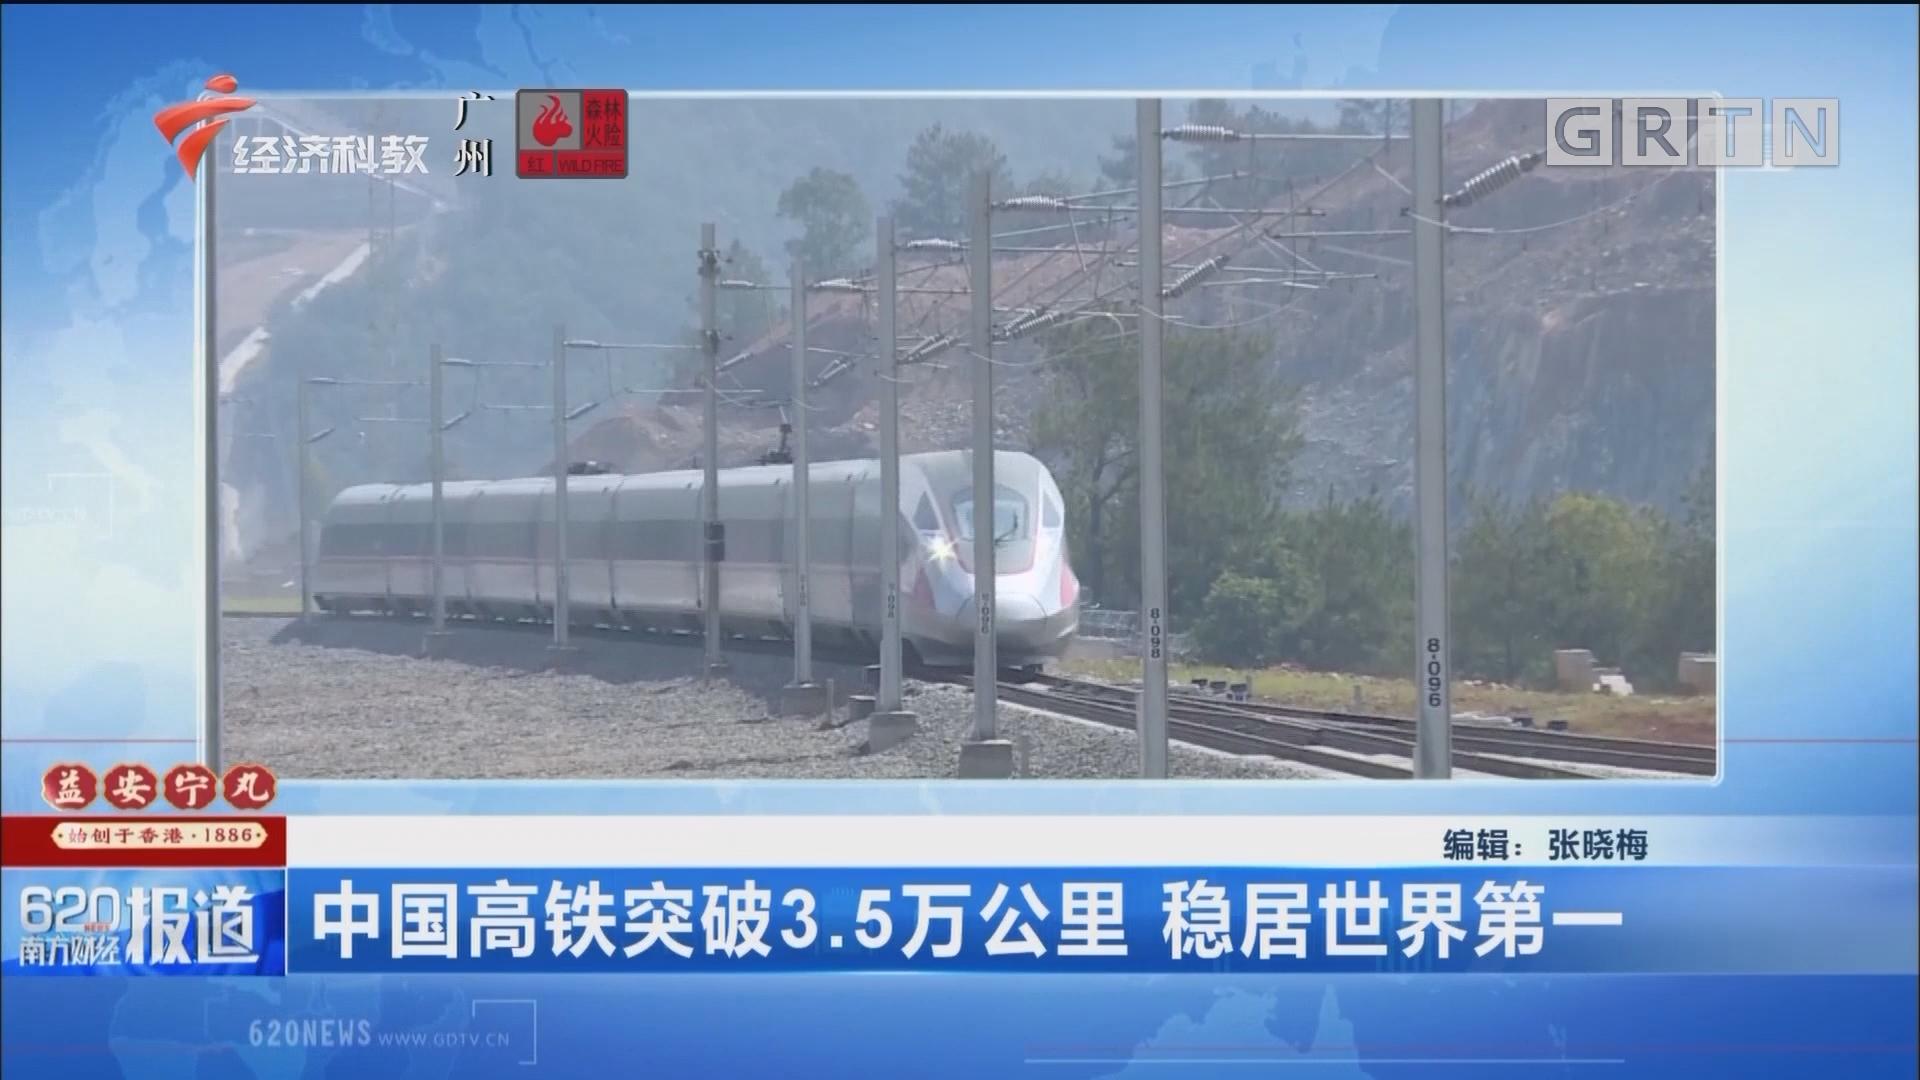 中國高鐵突破3.5萬公里 穩居世界第一